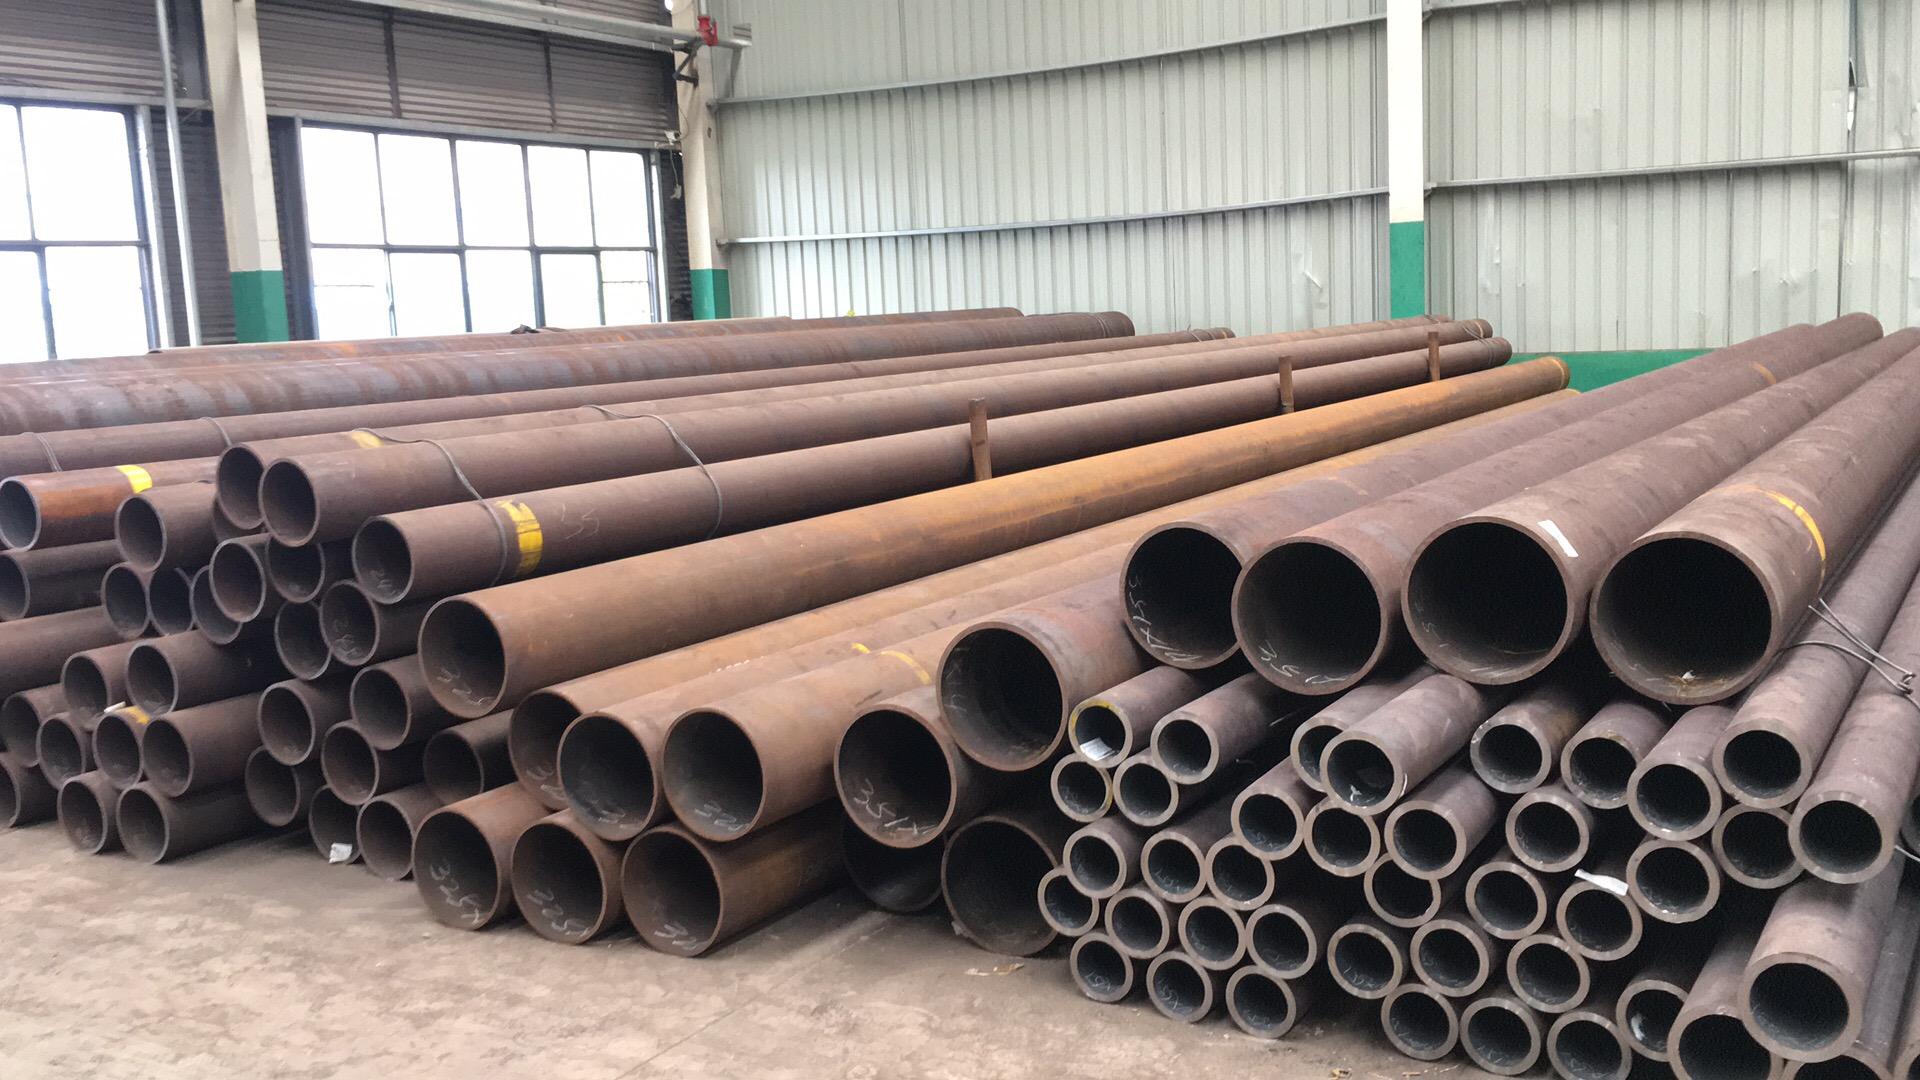 高品质上海16mn钢管供应商_16mn钢管厂家直销相关-济南汇佳钢材有限公司